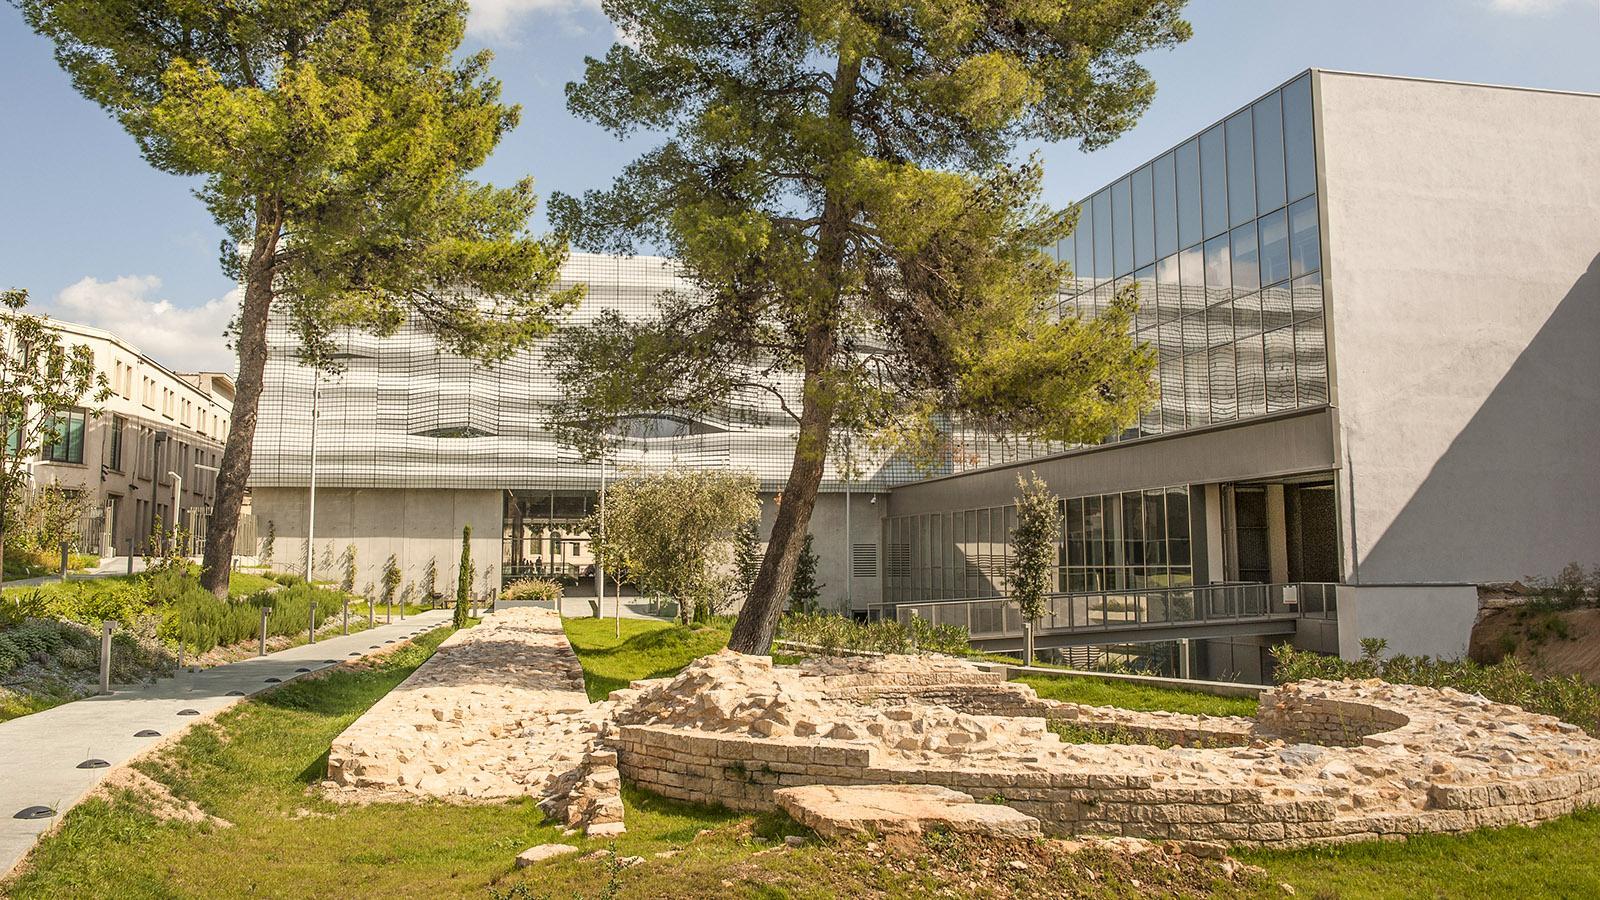 Nîmes: Garten des Musée de la Romanité. Foto: Hilke Maunder